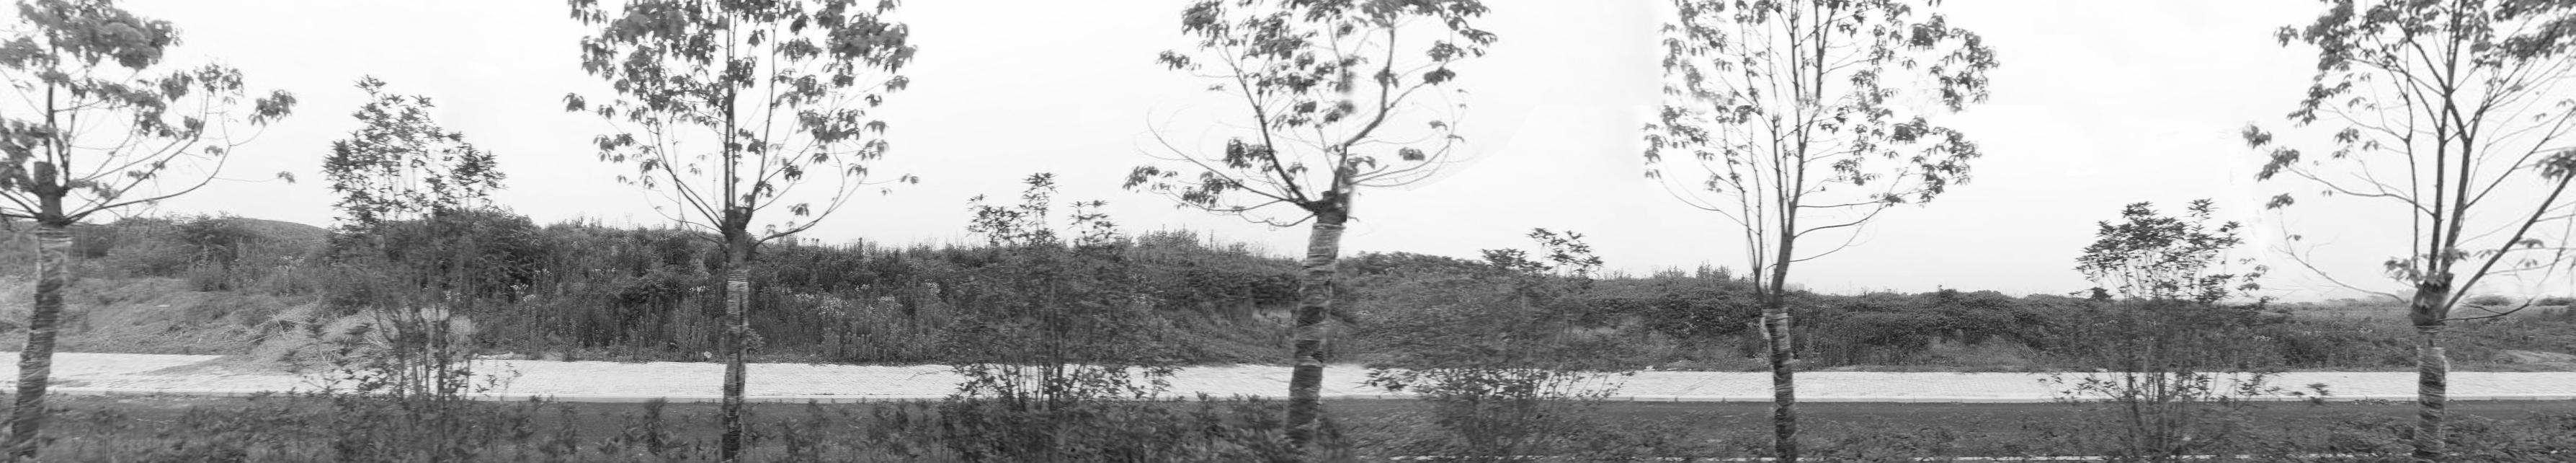 合肥金茂悦体验区 景观设计 / 墨刻景观